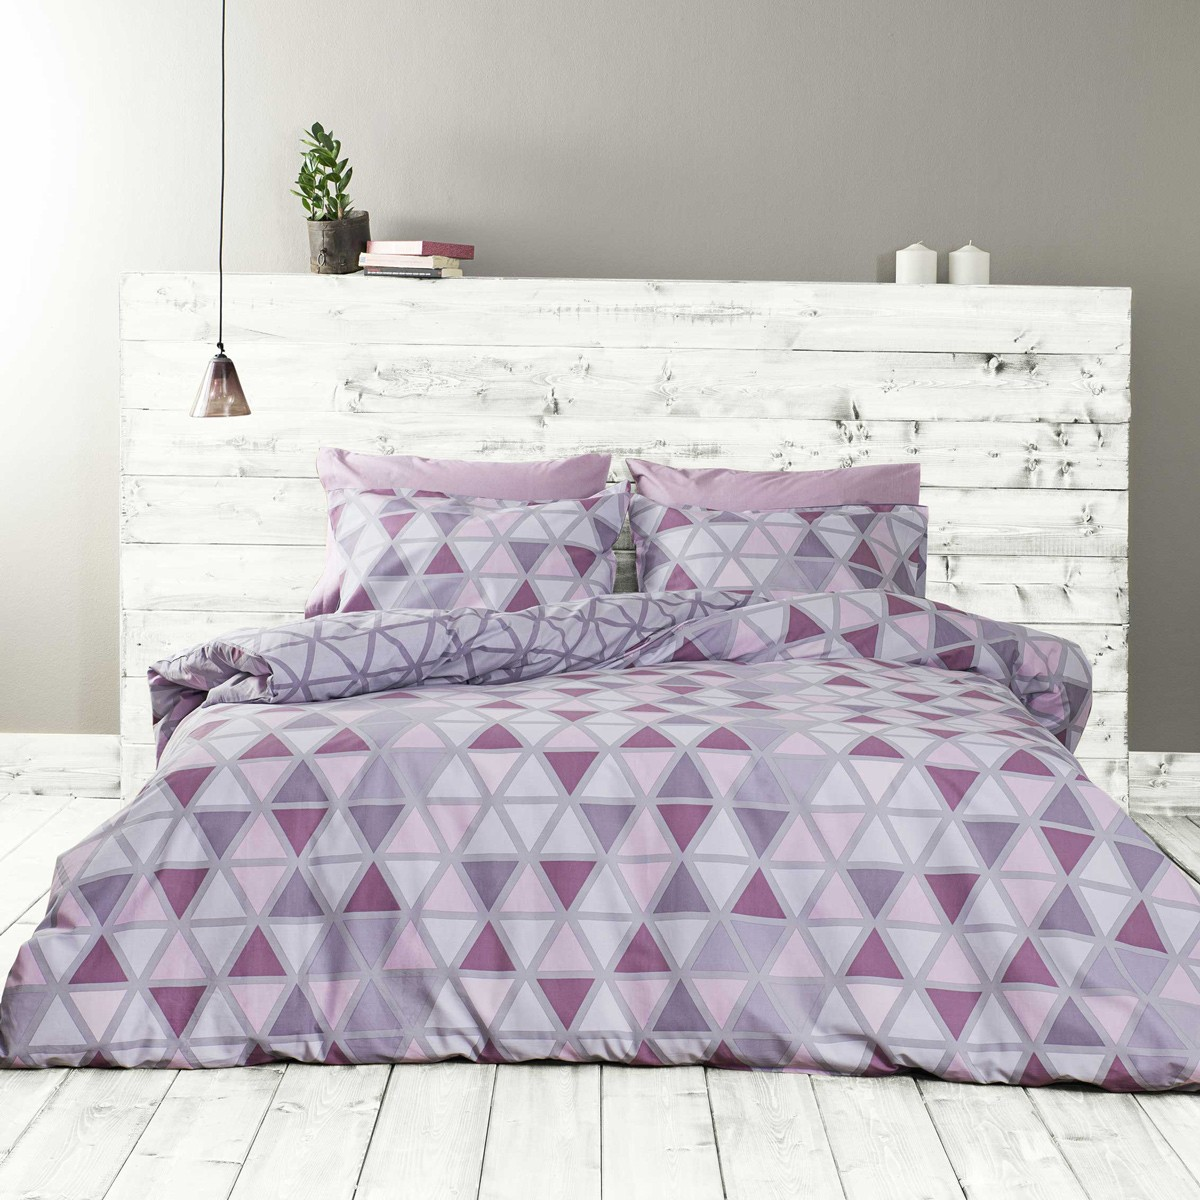 Σεντόνια Υπέρδιπλα (Σετ) Nima Bed Linen Monterrey Purple ΜΕ ΛΑΣΤΙΧΟ ΜΕ ΛΑΣΤΙΧΟ